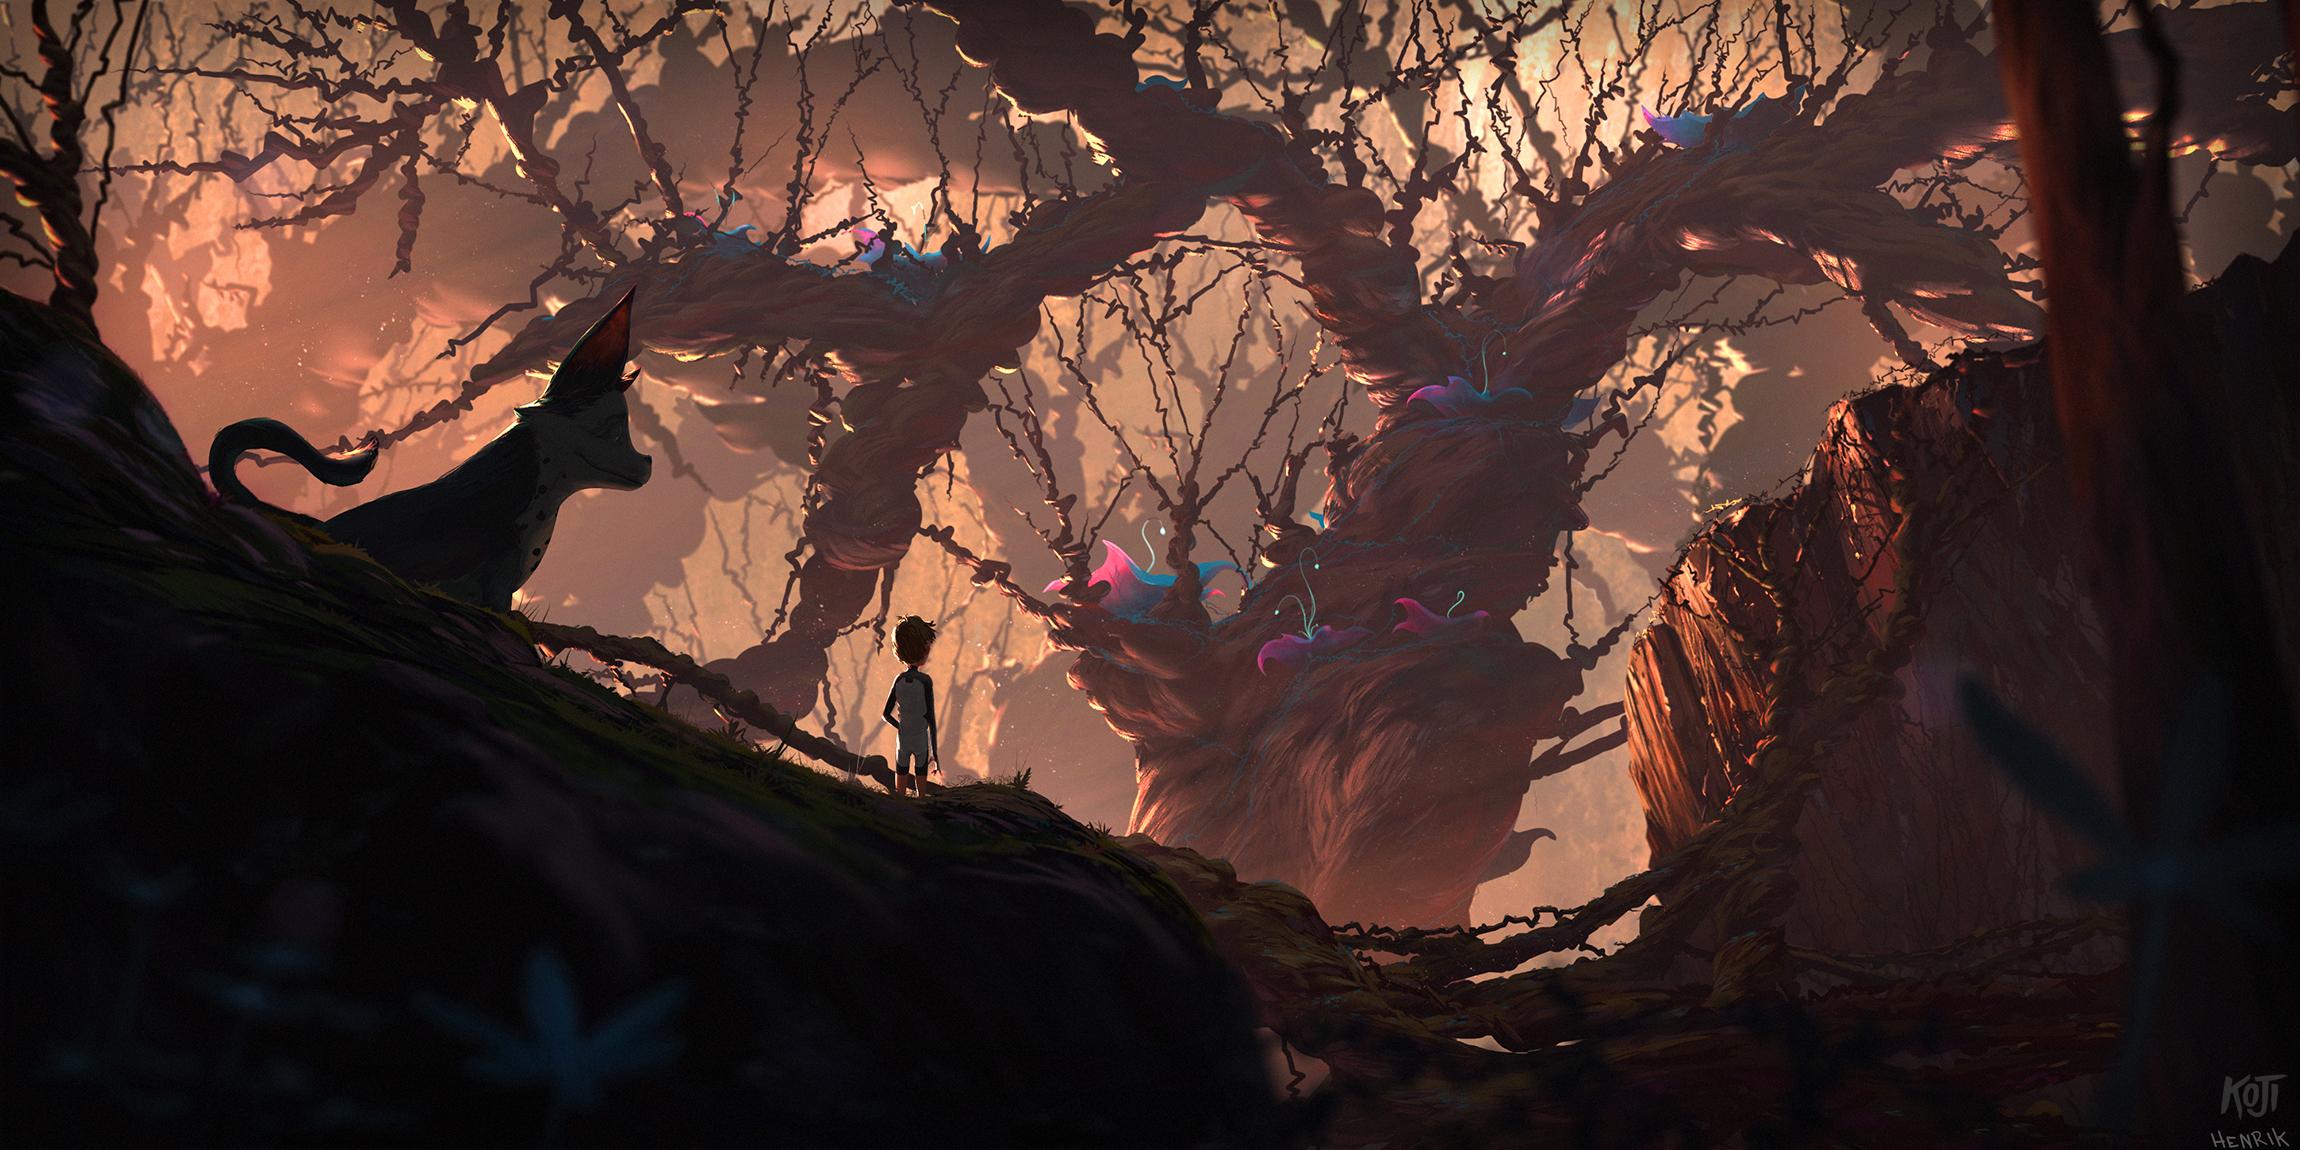 KOJI - Concept illustration for Alexander Snow